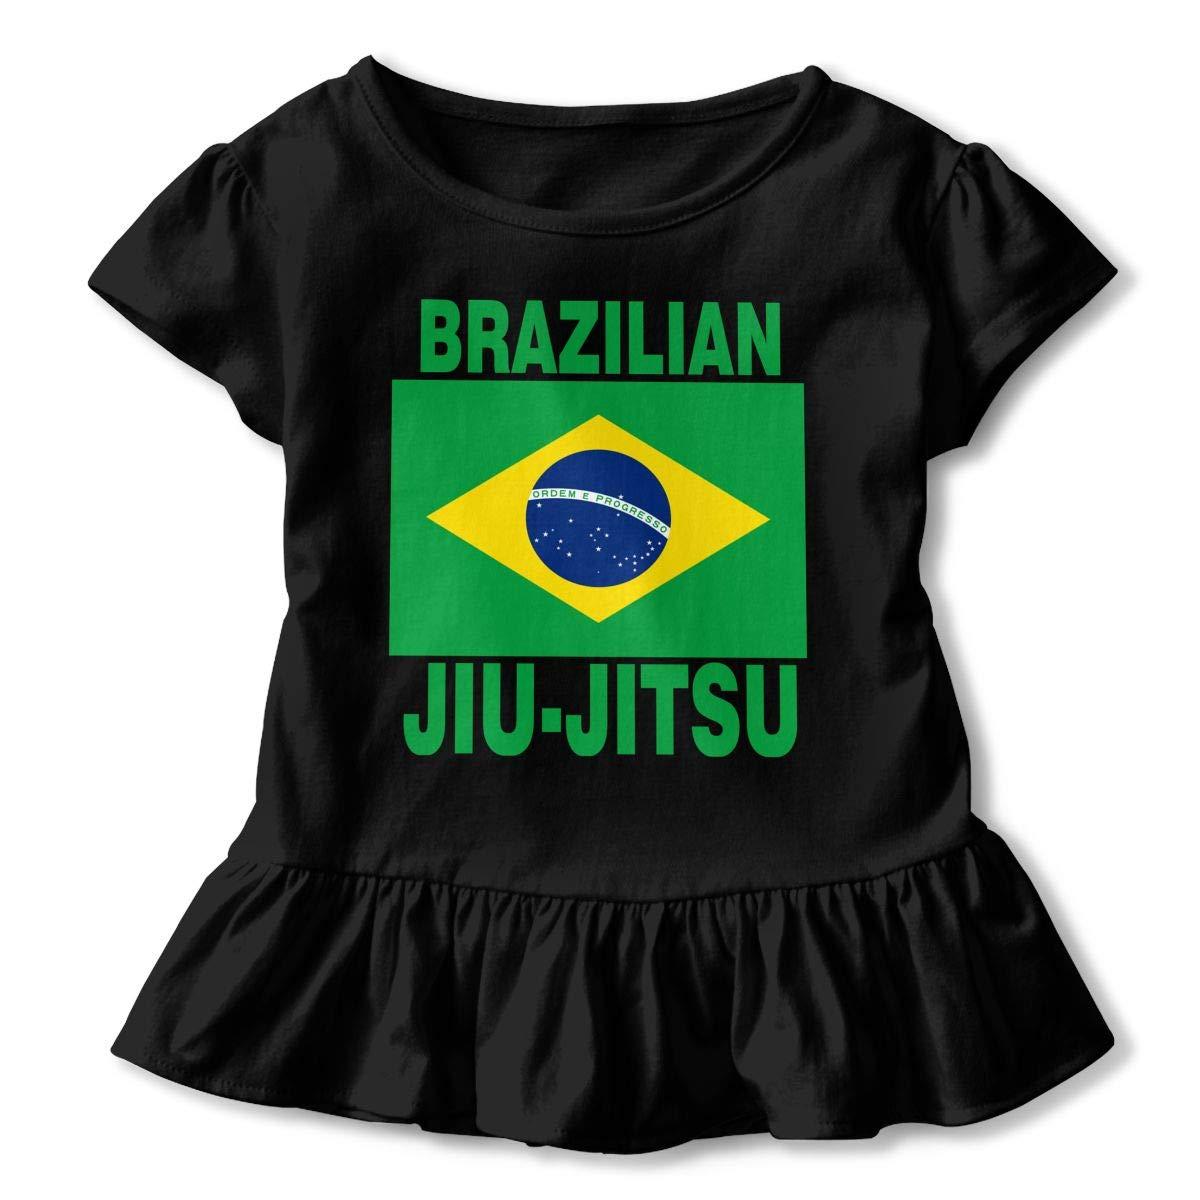 Brazilian Jiu Jitsu Baby Girls Short Sleeve Ruffles T-Shirt Tops 2-Pack Cotton Tee